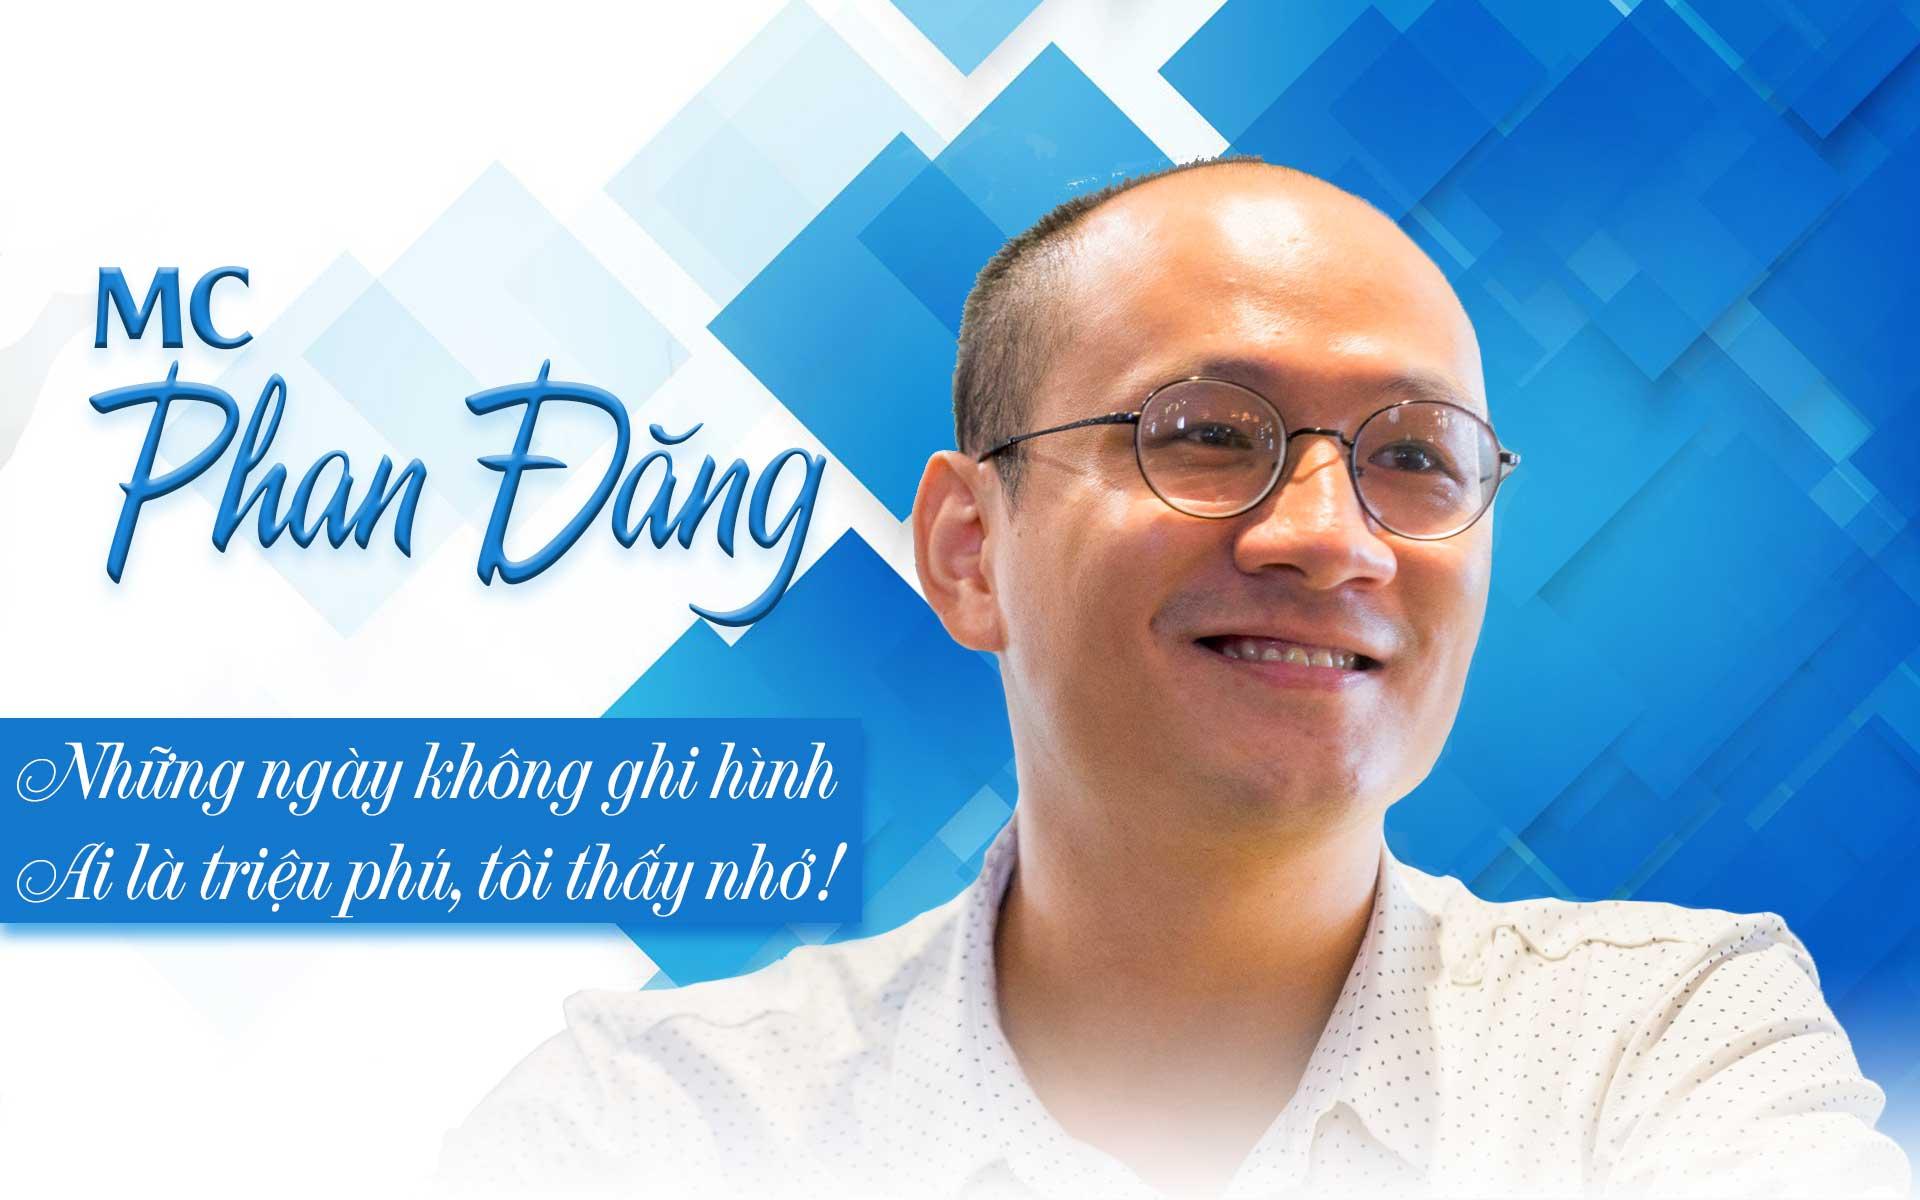 MC Phan Đăng: Những ngày không ghi hình Ai là triệu phú, tôi thấy nhớ! - 1